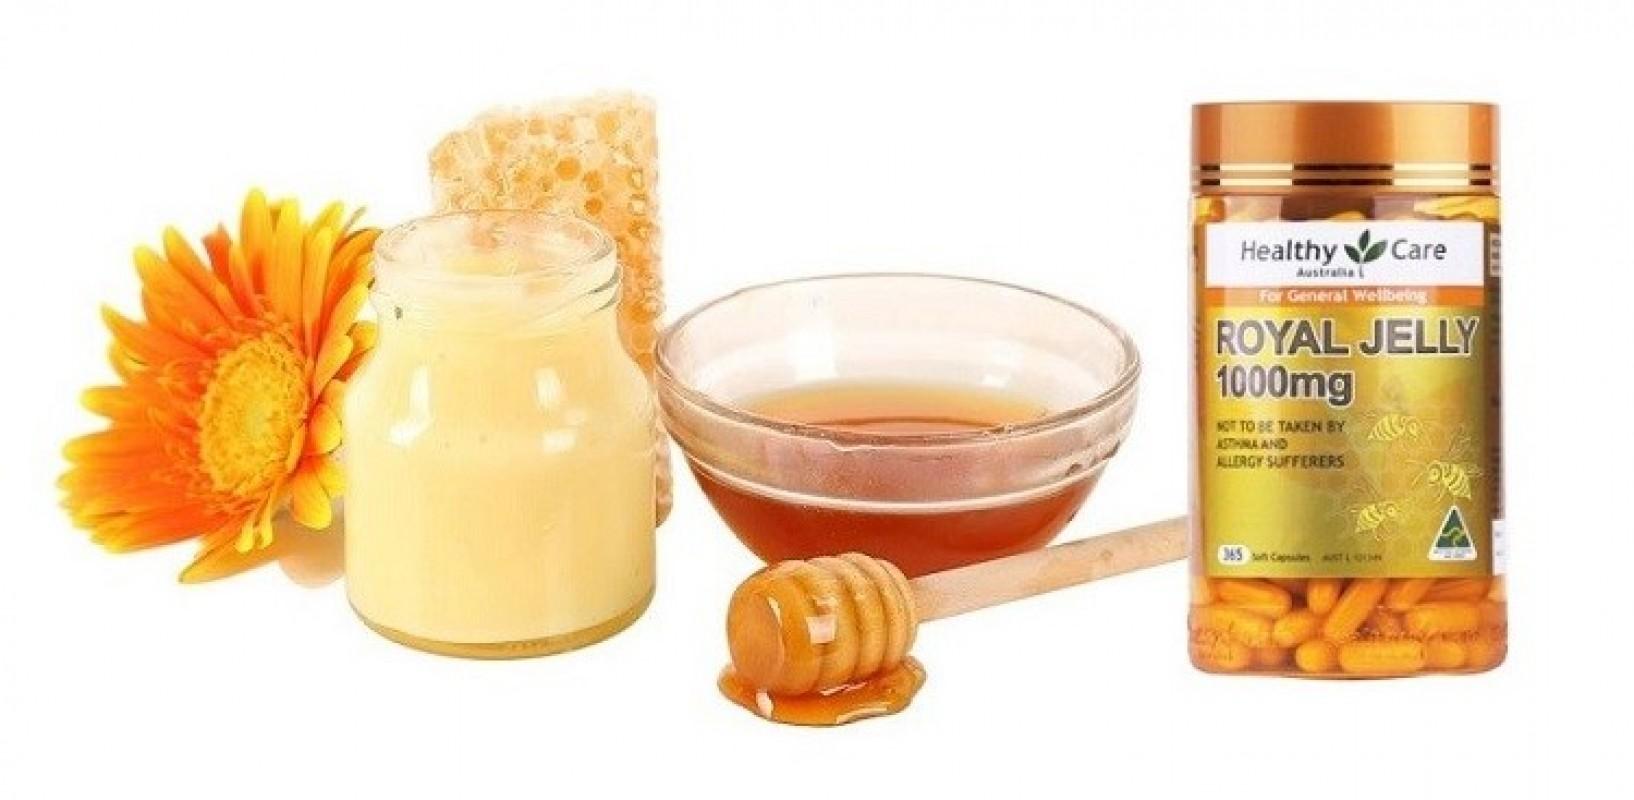 Sữa Ong Chúa Healthy Care Royal Jelly 1000mg Review Có Tốt Không